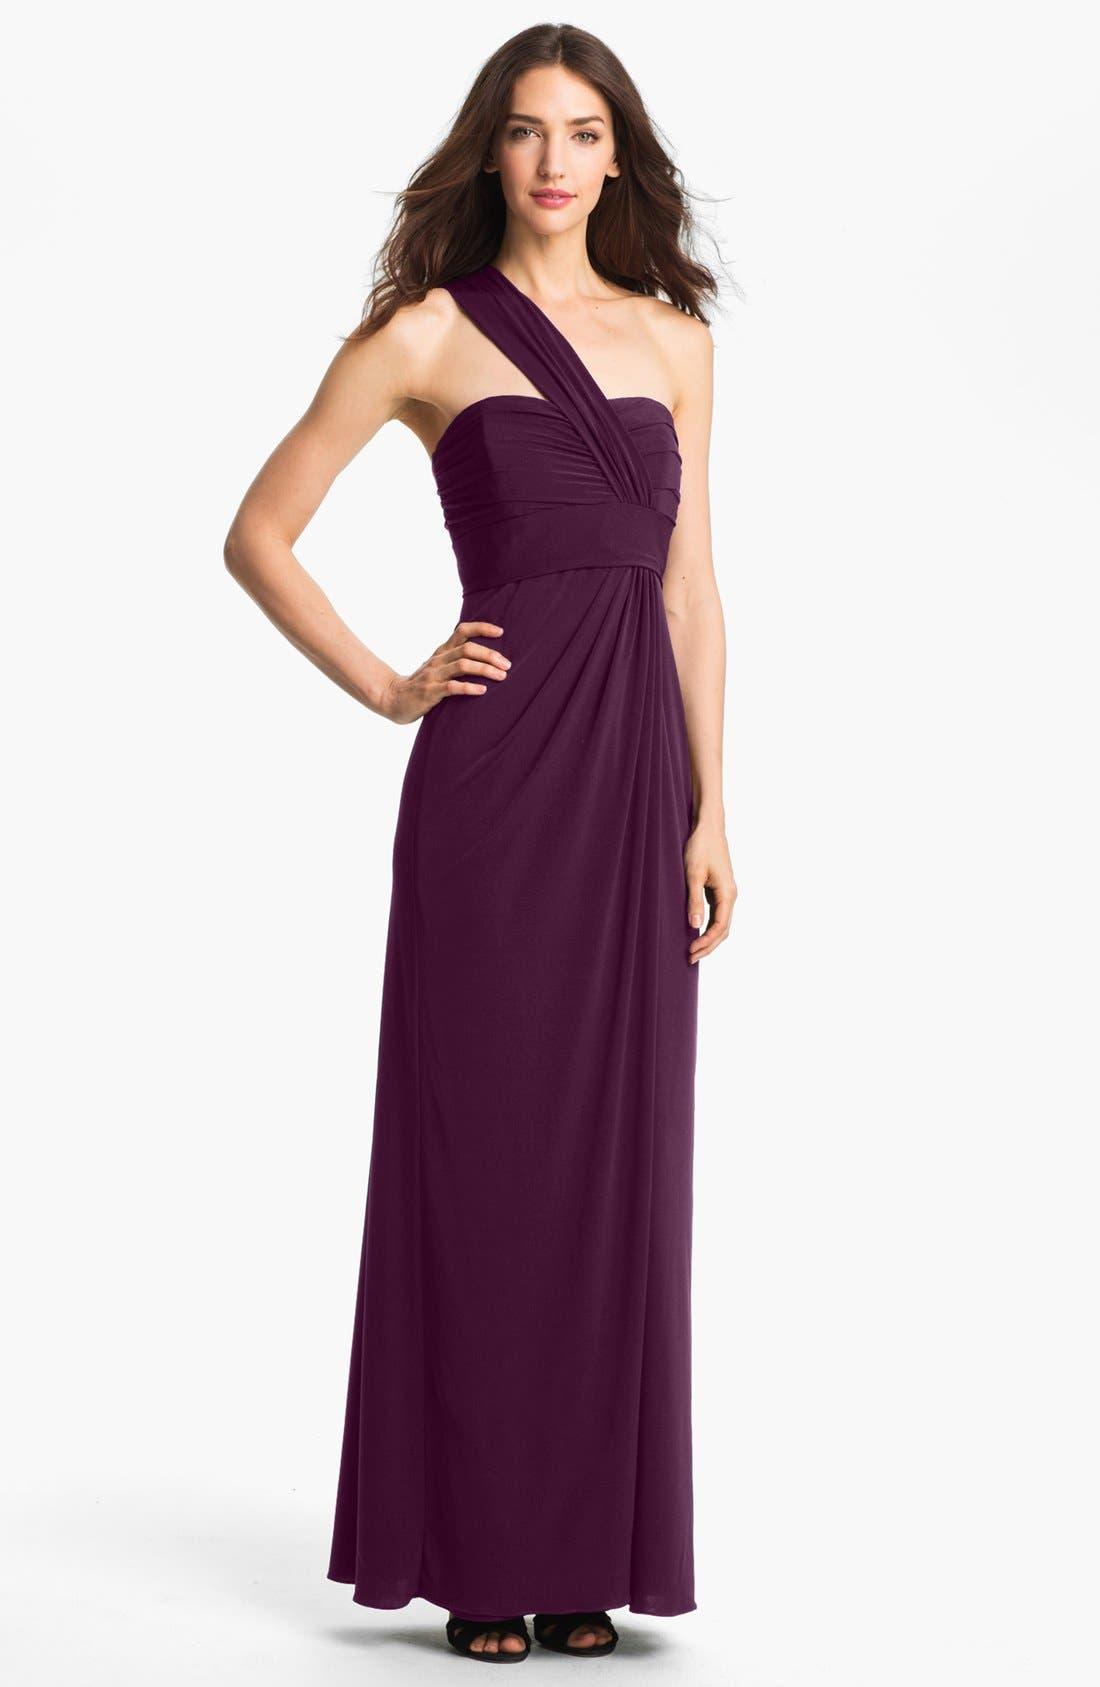 Main Image - Amsale One-Shoulder Jersey Dress